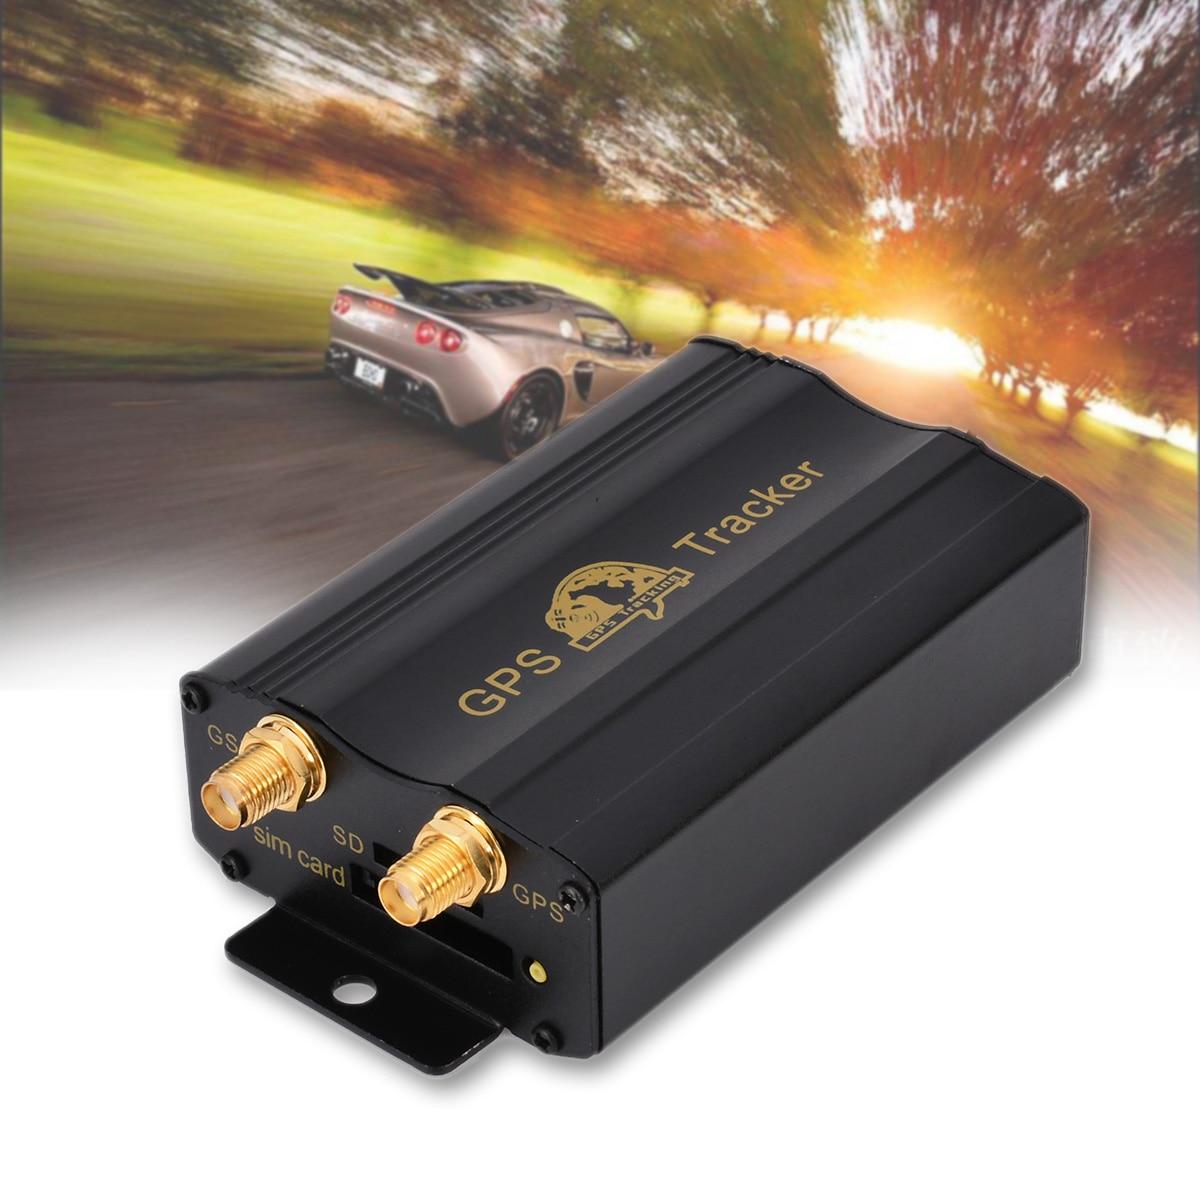 Système de localisation de traqueur de voiture de camion de véhicule de haute qualité TK103B GPS/GSM/GPRS avec des accessoires de cambrioleur de voiture de Kit de télécommande